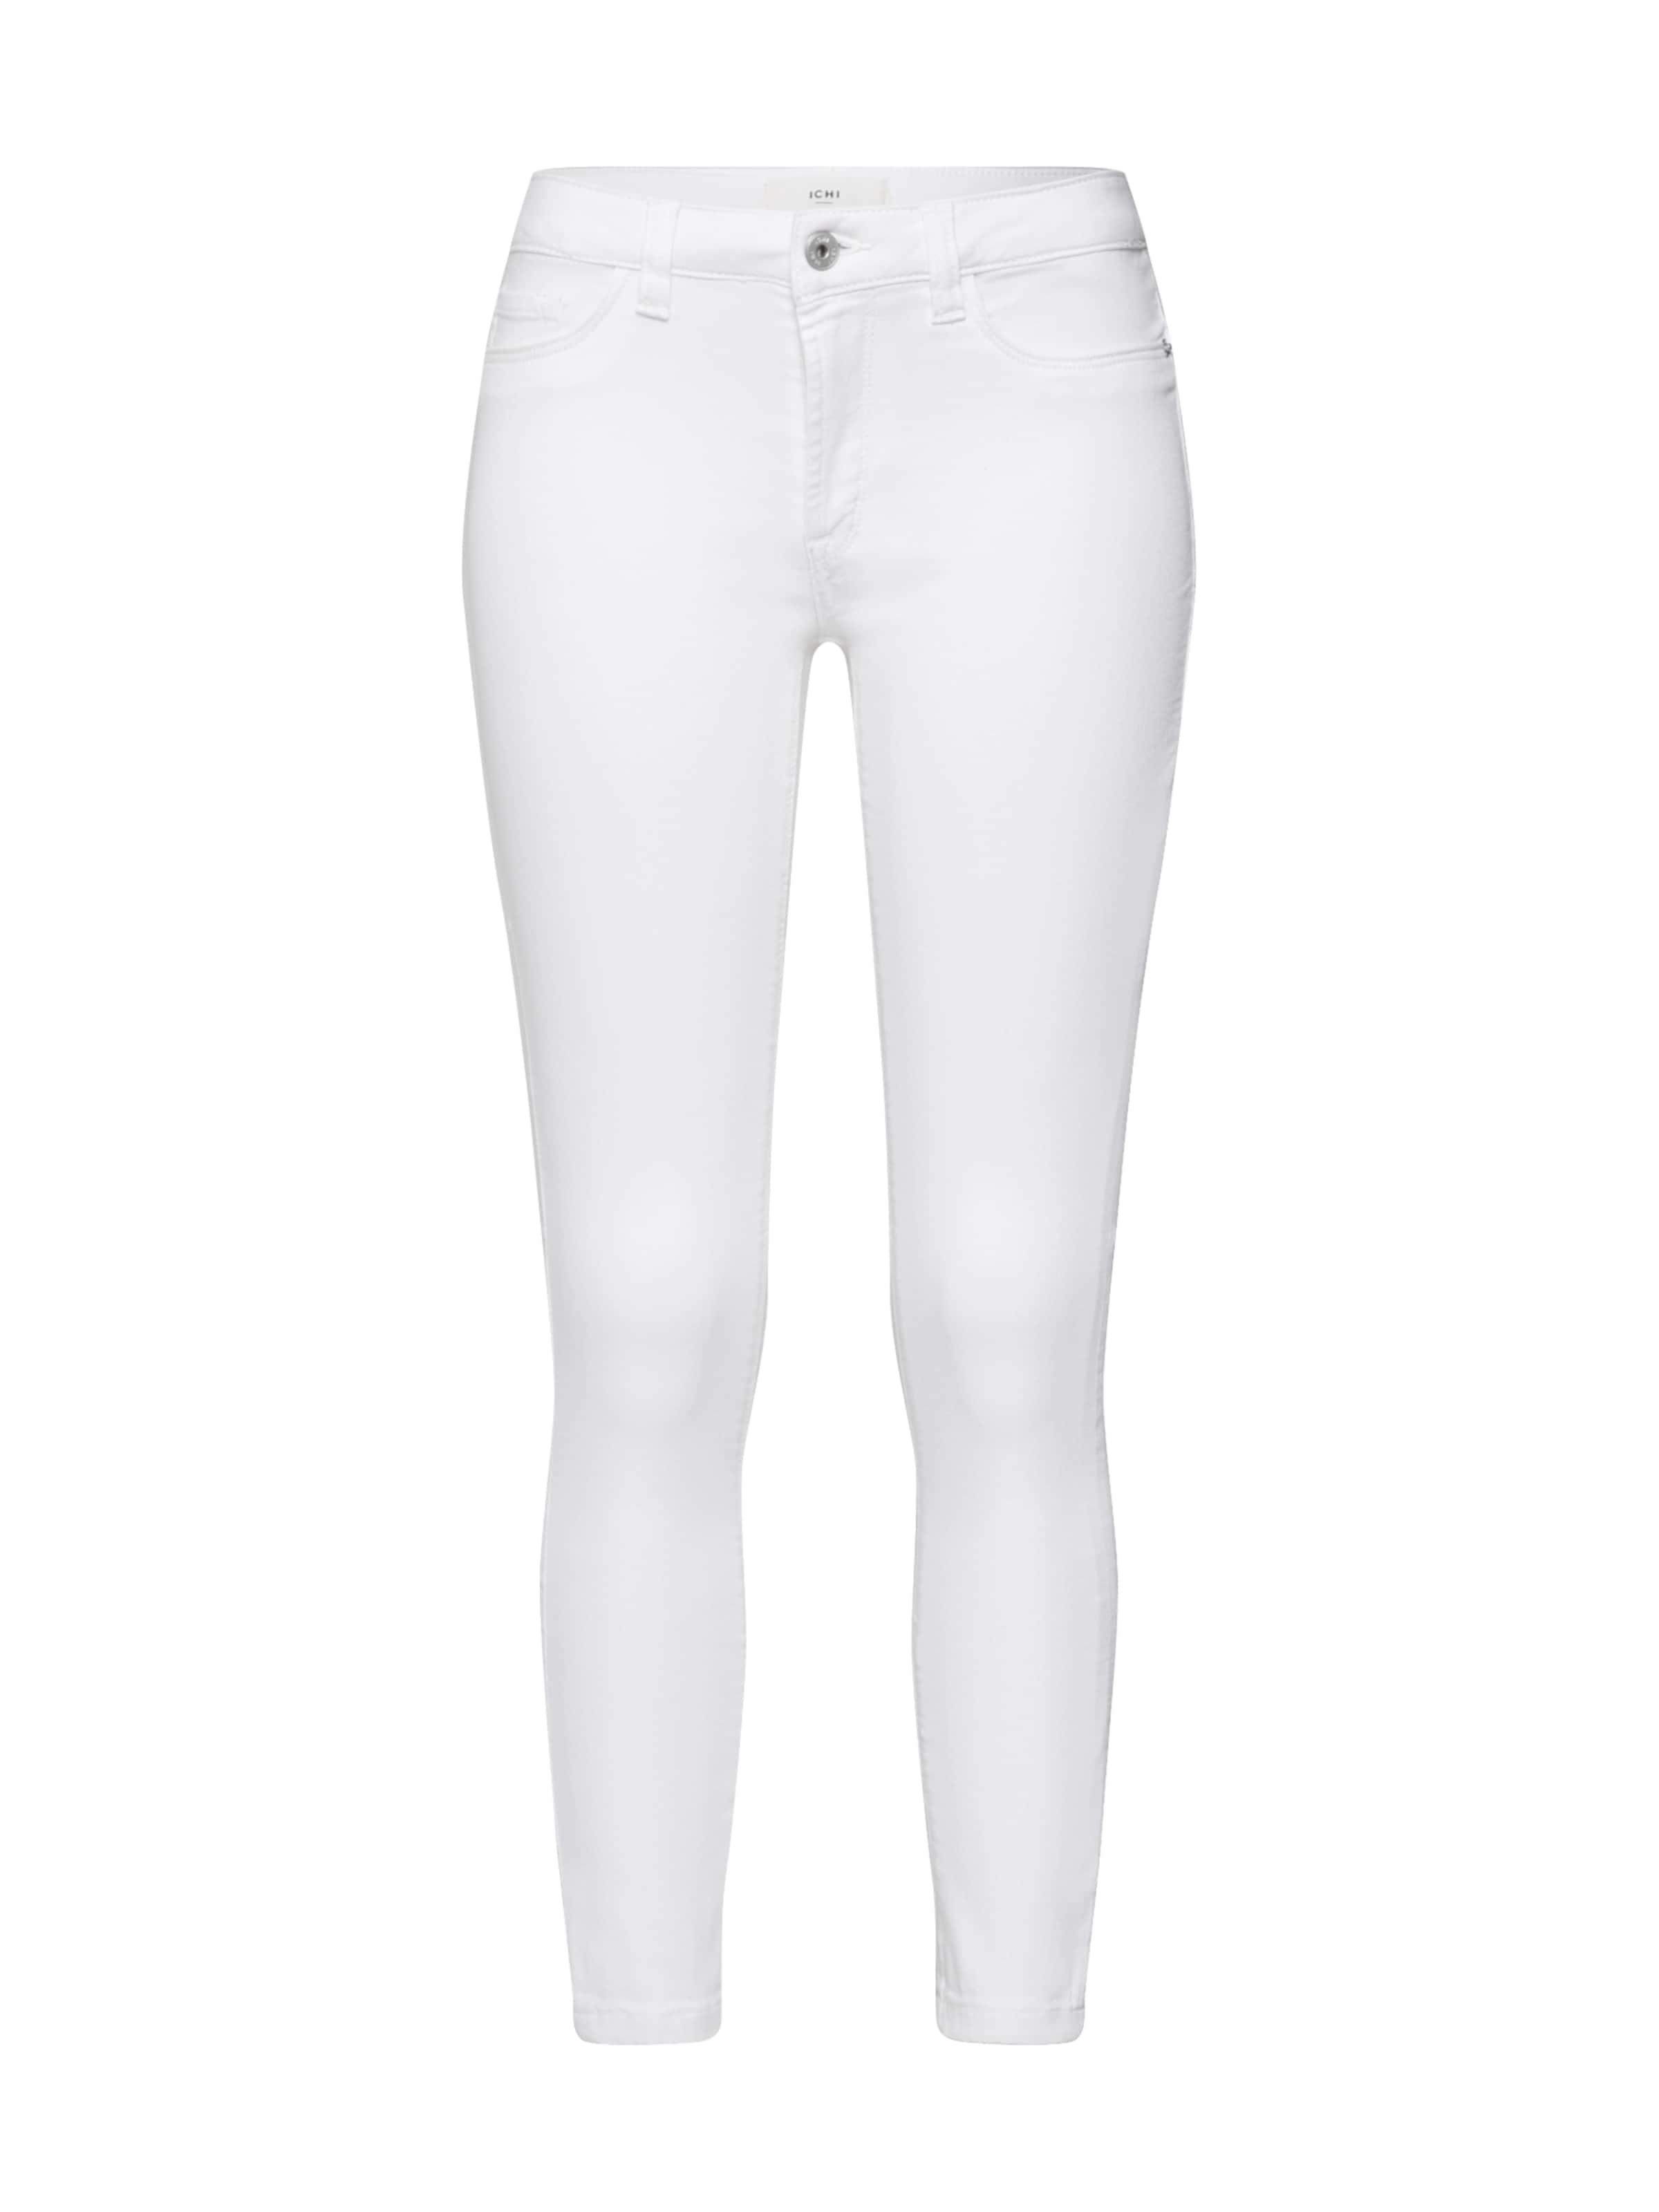 Jeans Denim 'cecce' Ichi In White rCBxoedW